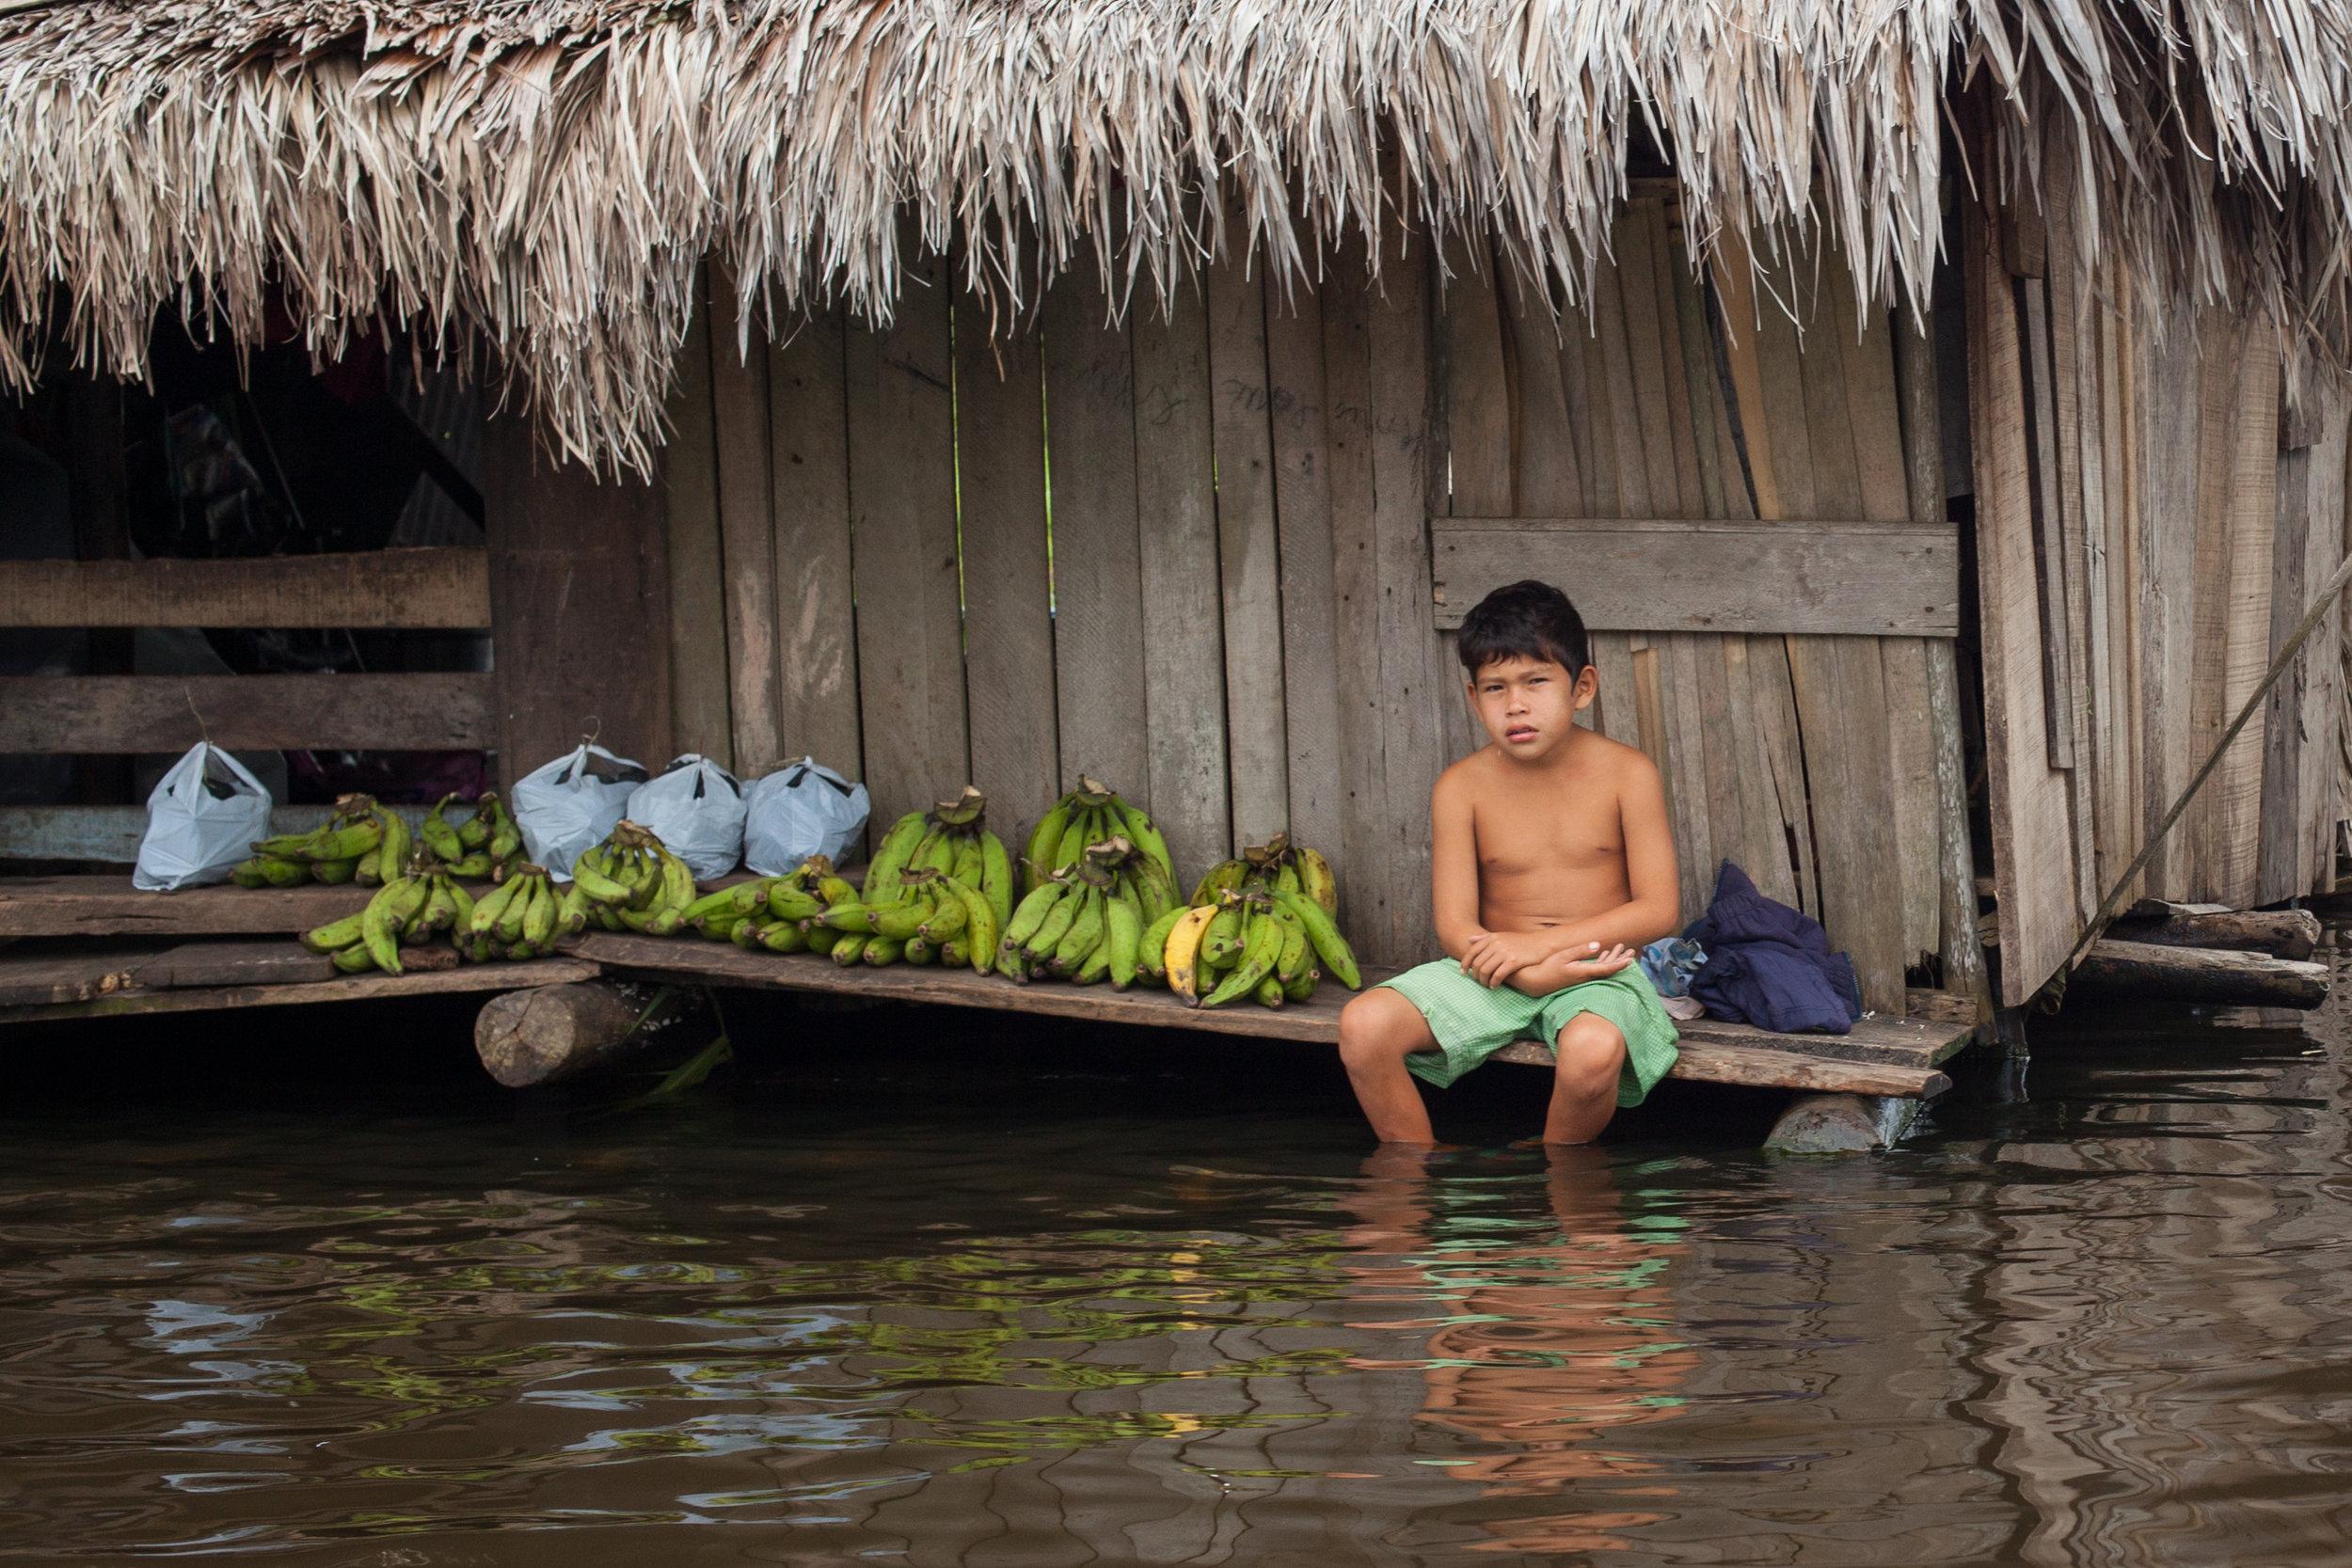 Ffotogallery Platform Instagram Takeover by Geraint Rowland - Banana Seller, Belen Village, Iquitos, Peru.